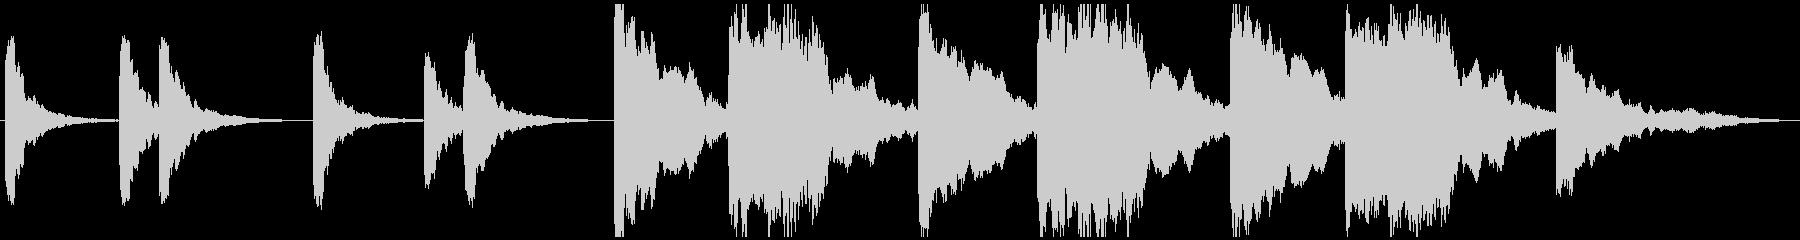 シーケンス ベントリアリティピアノ01の未再生の波形